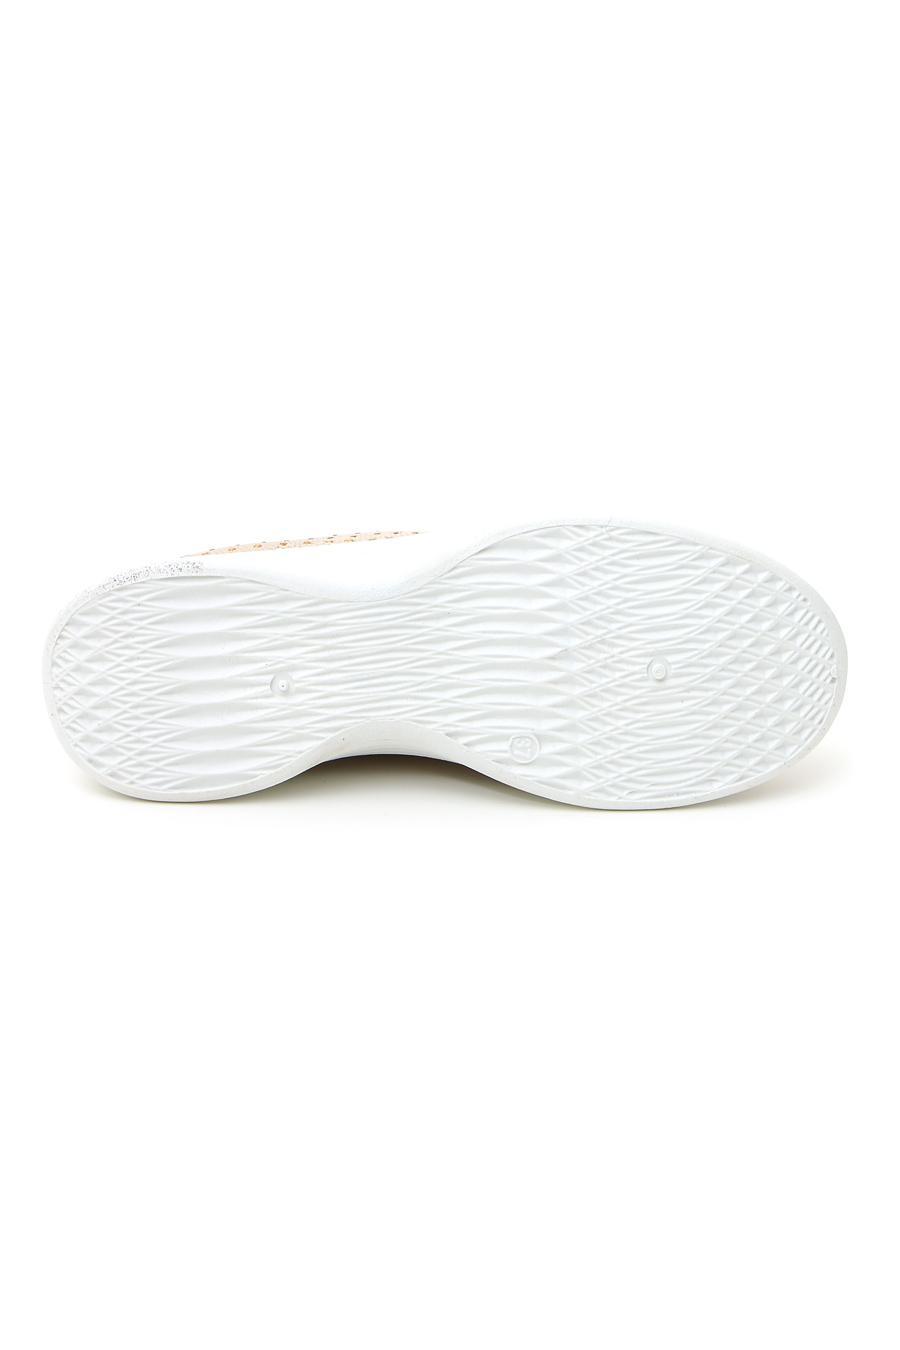 SOCKS SHOES PLOCADI 955 donna beige | Pittarello